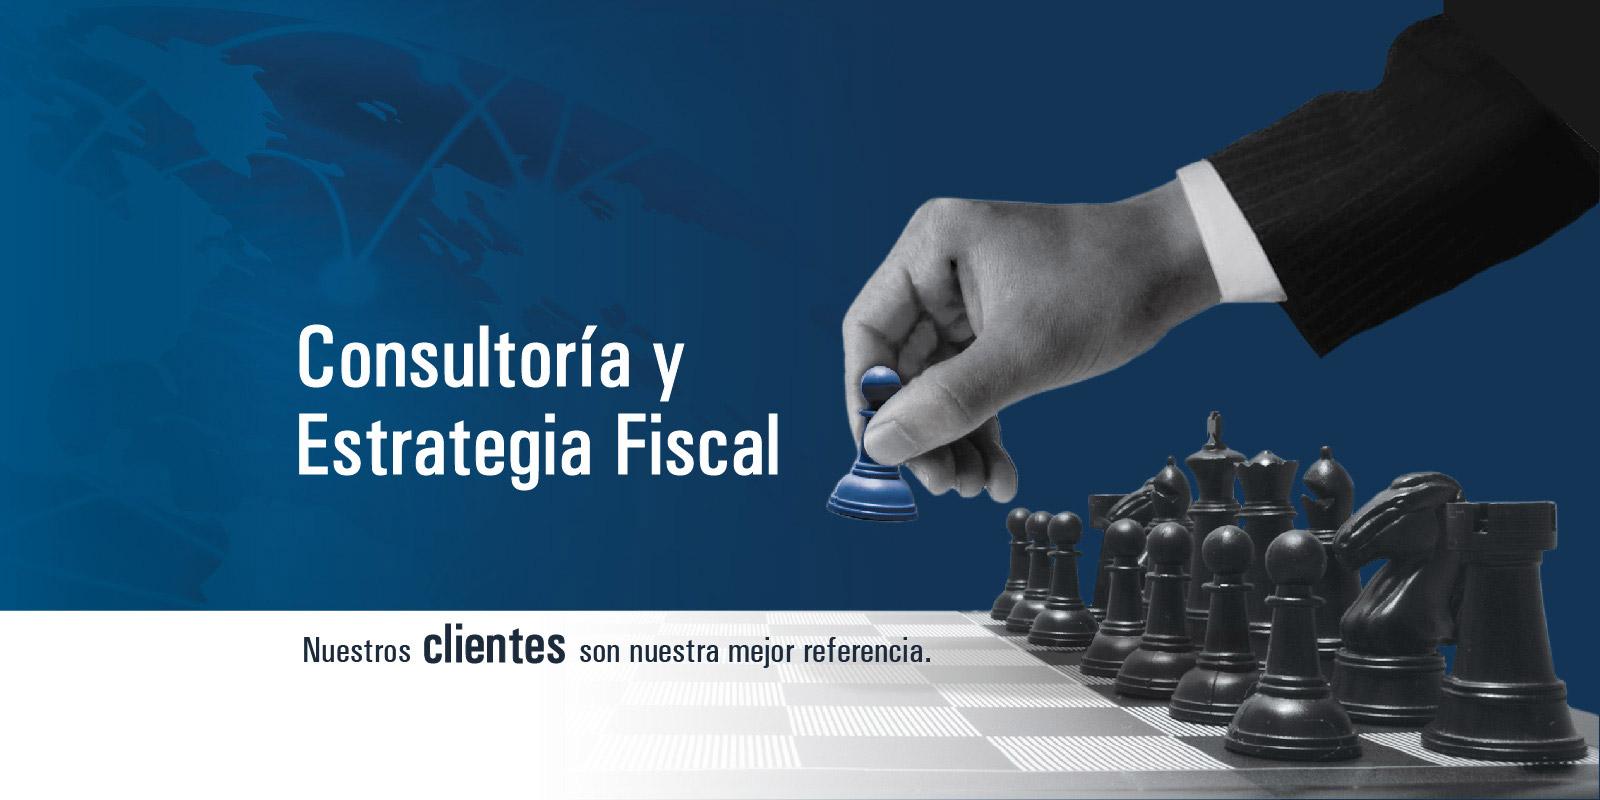 Consultoría y estrategia fiscal